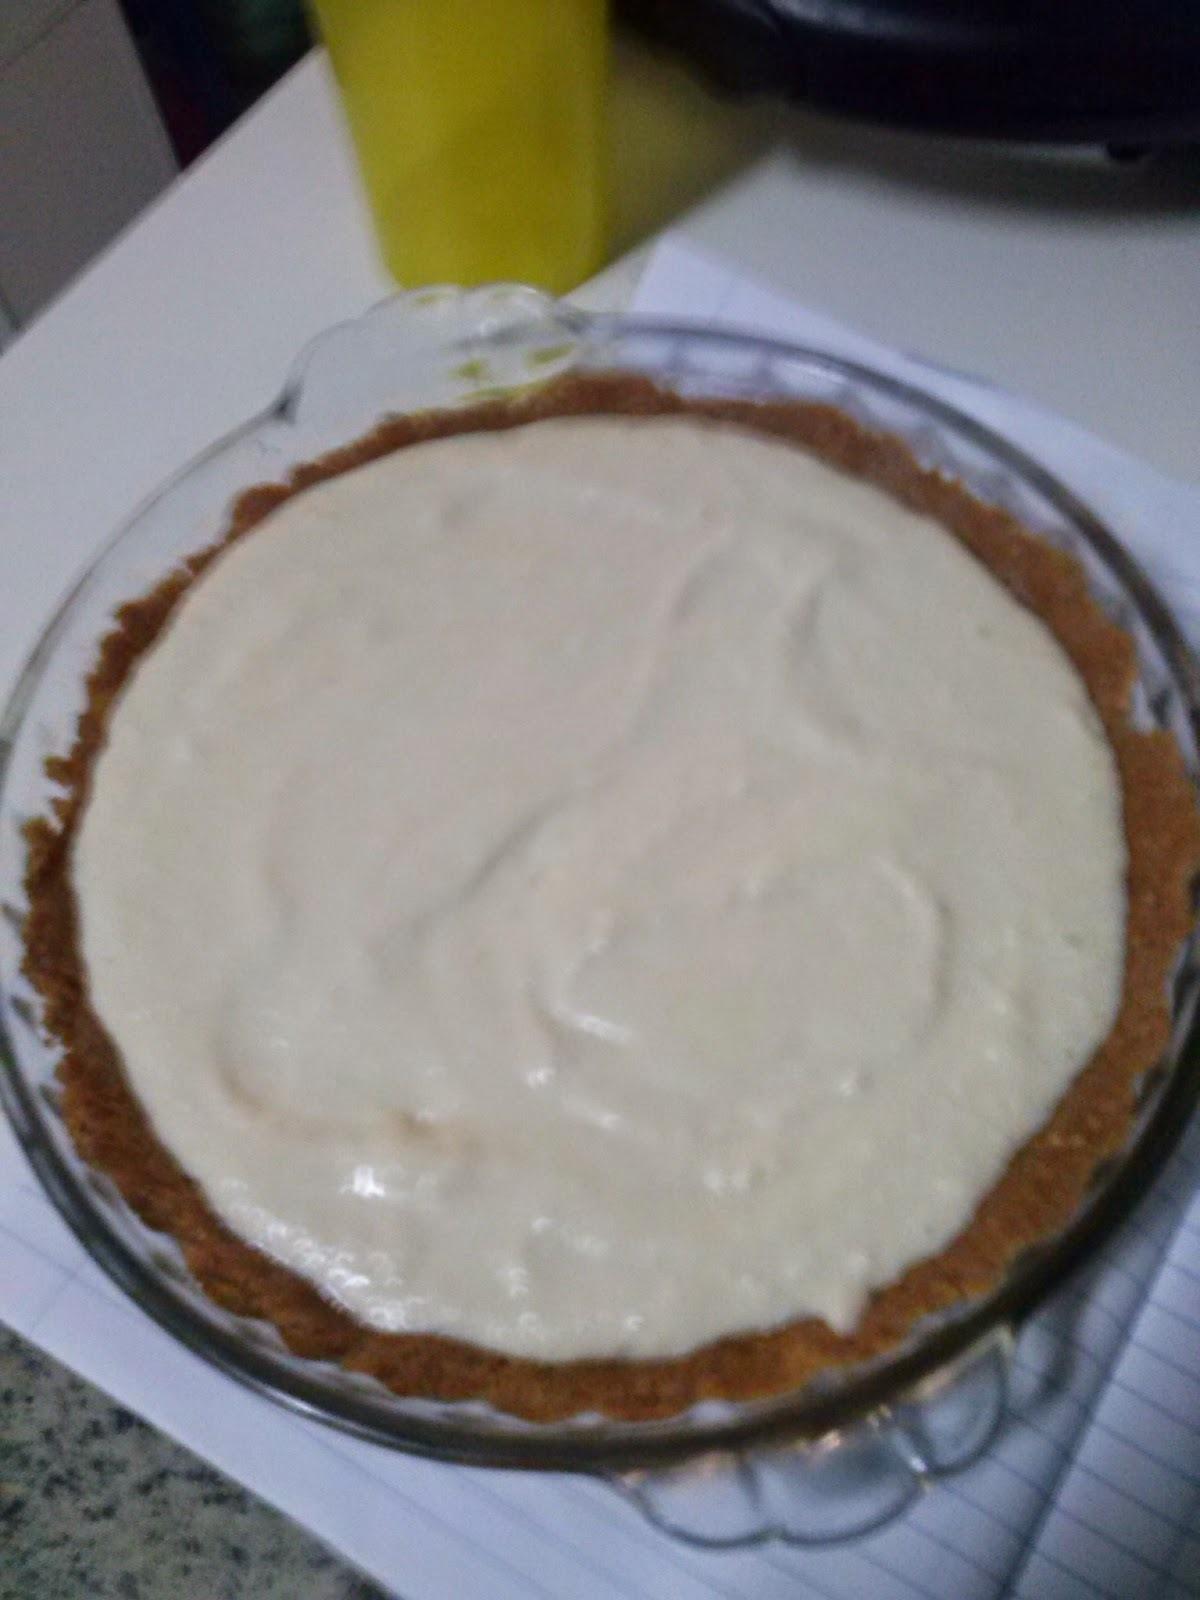 Receita de cheesecake - Cheesecake recipe